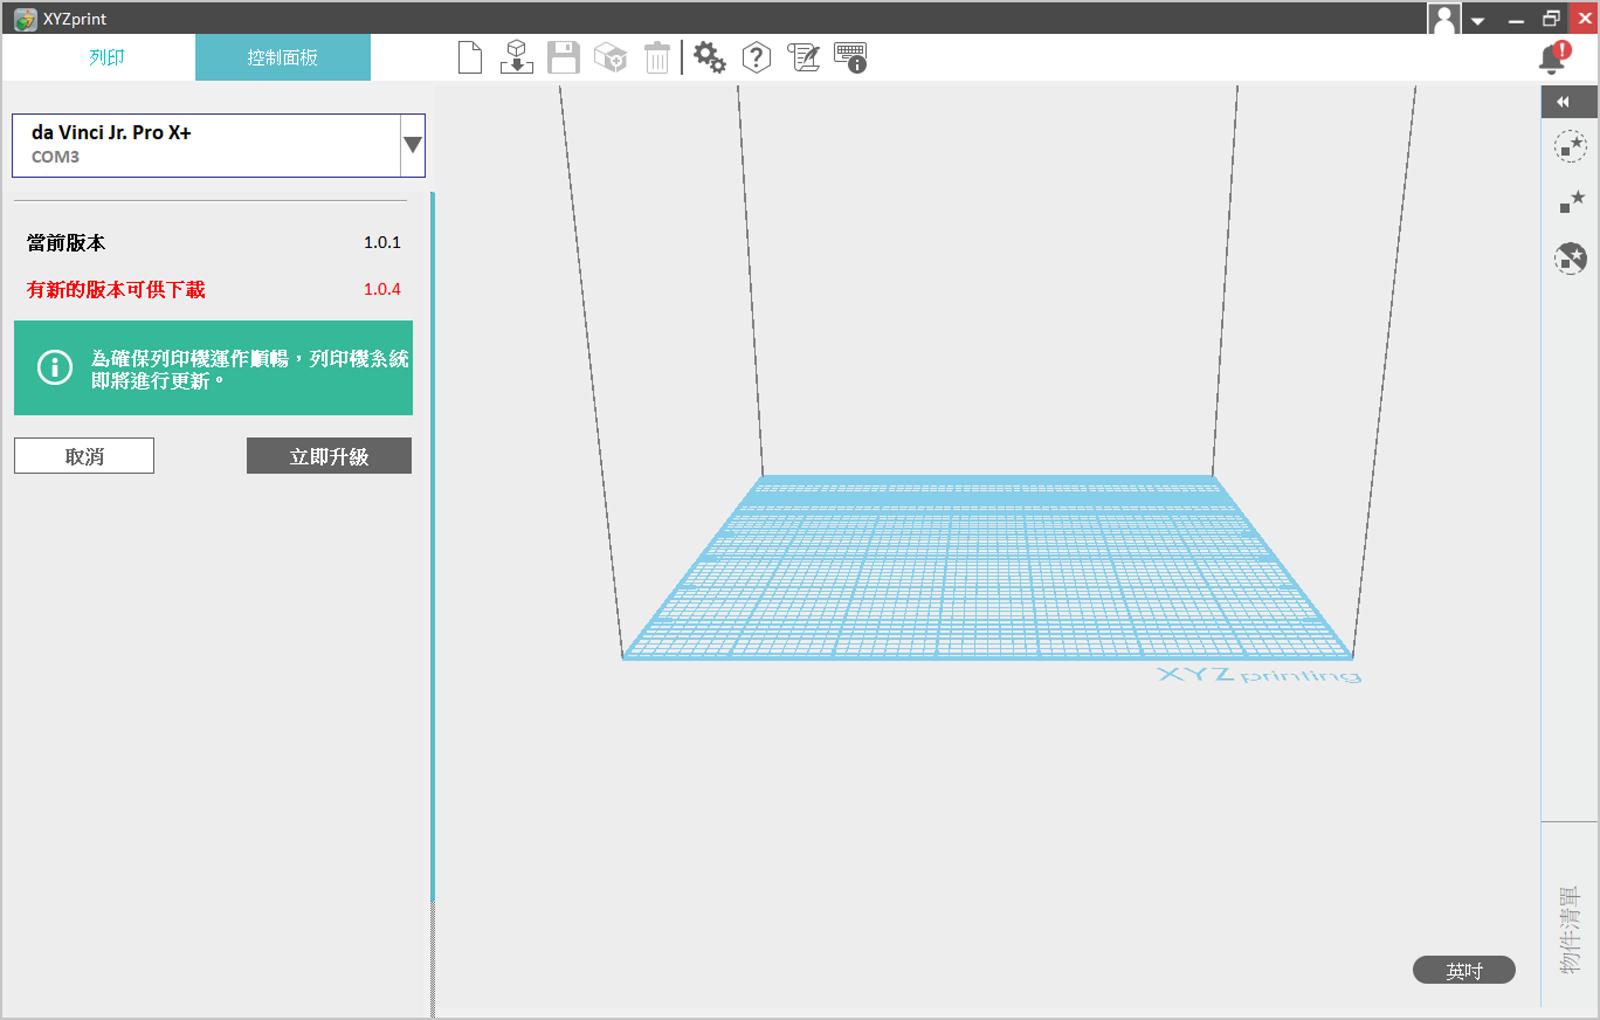 多功能3D列印機-da Vinci Jr. Pro X+,更新3D列印機韌體也可以在XYZprint軟體中完成